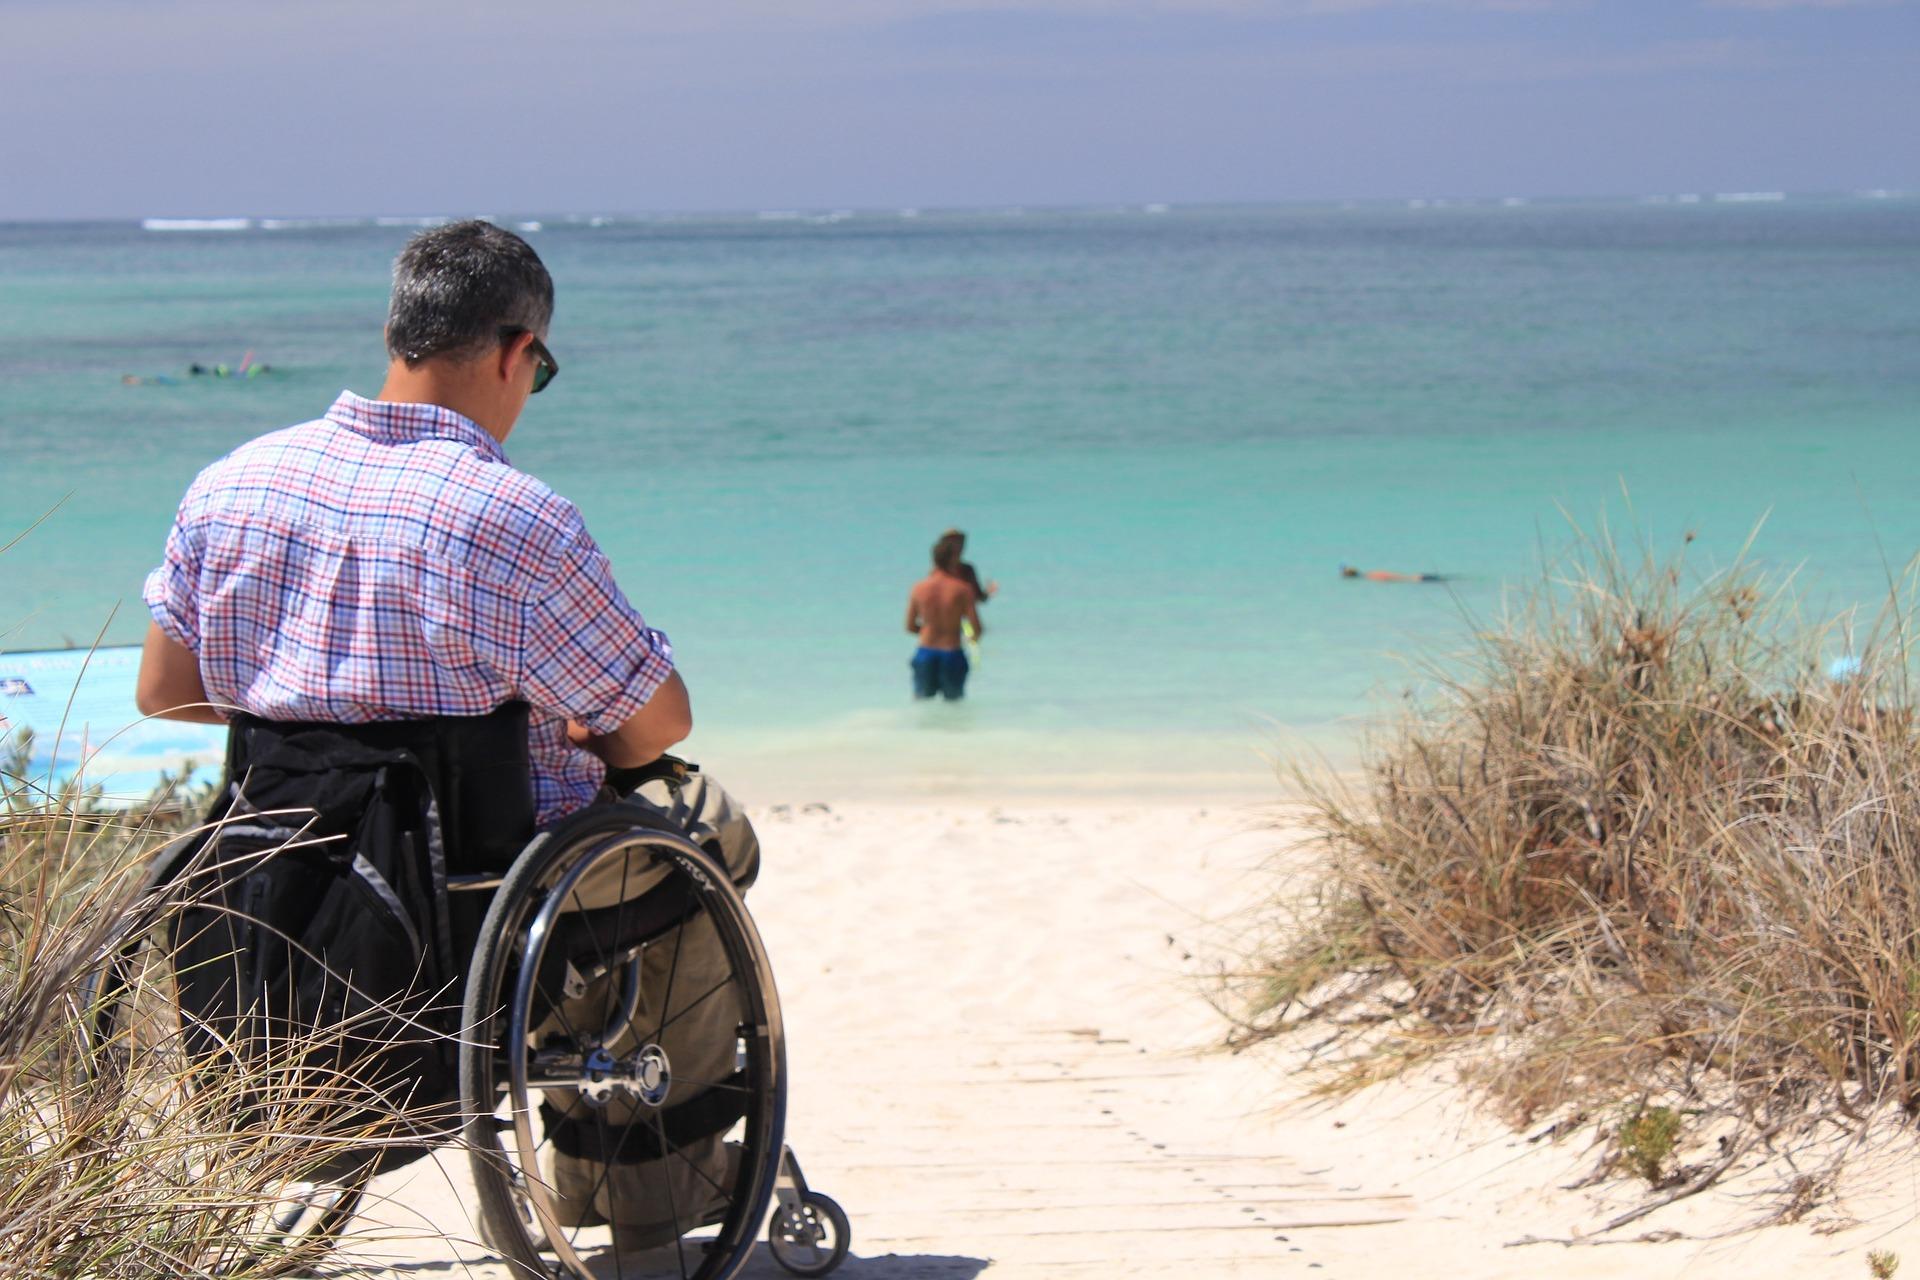 Governo vai investir na adaptação de espaços públicos e turísticos a pessoas com deficiência